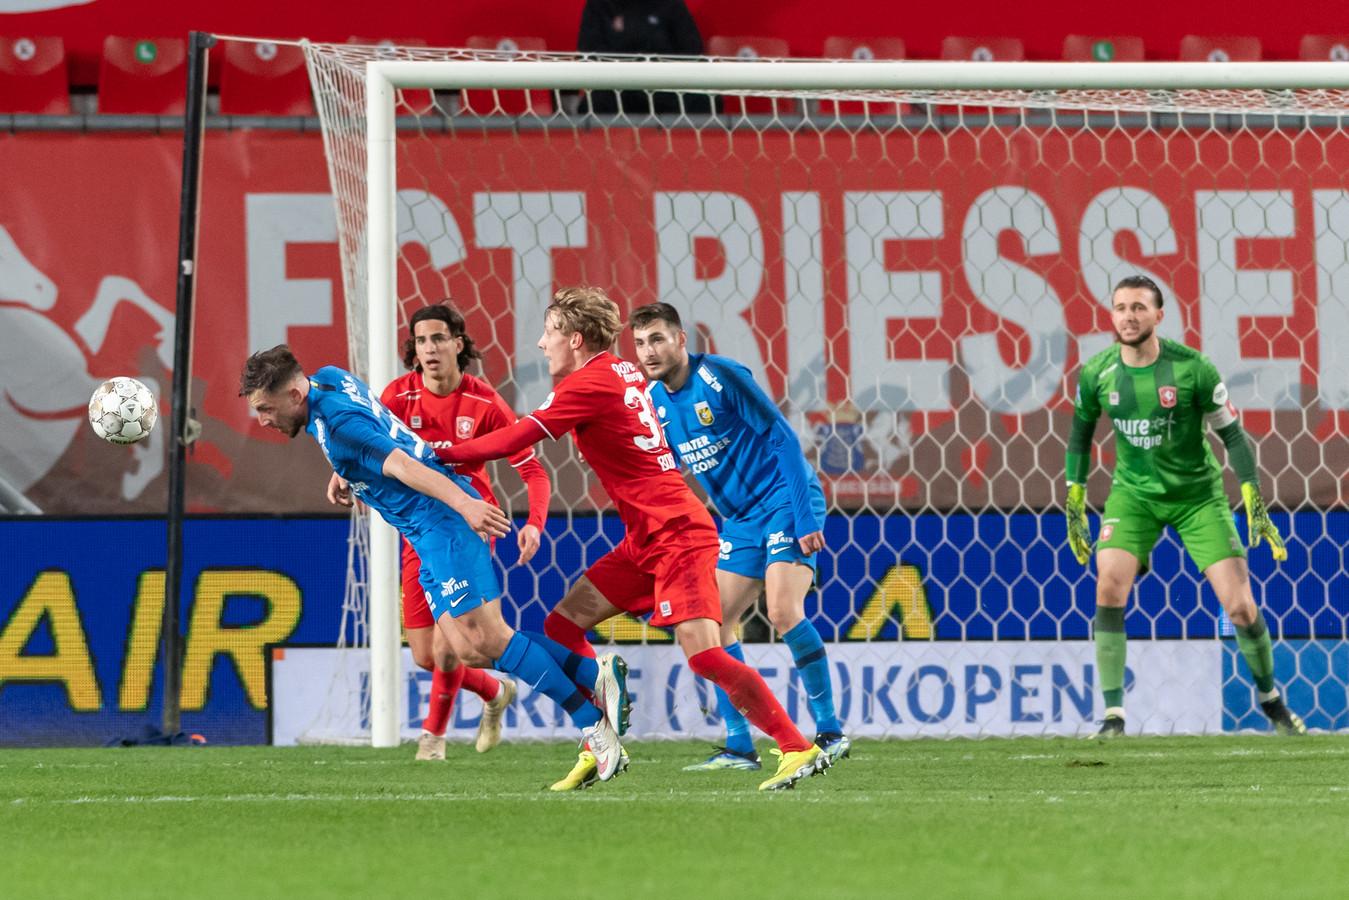 Het beslissende moment in beeld: Vitesse-speler gaat naar de grond.